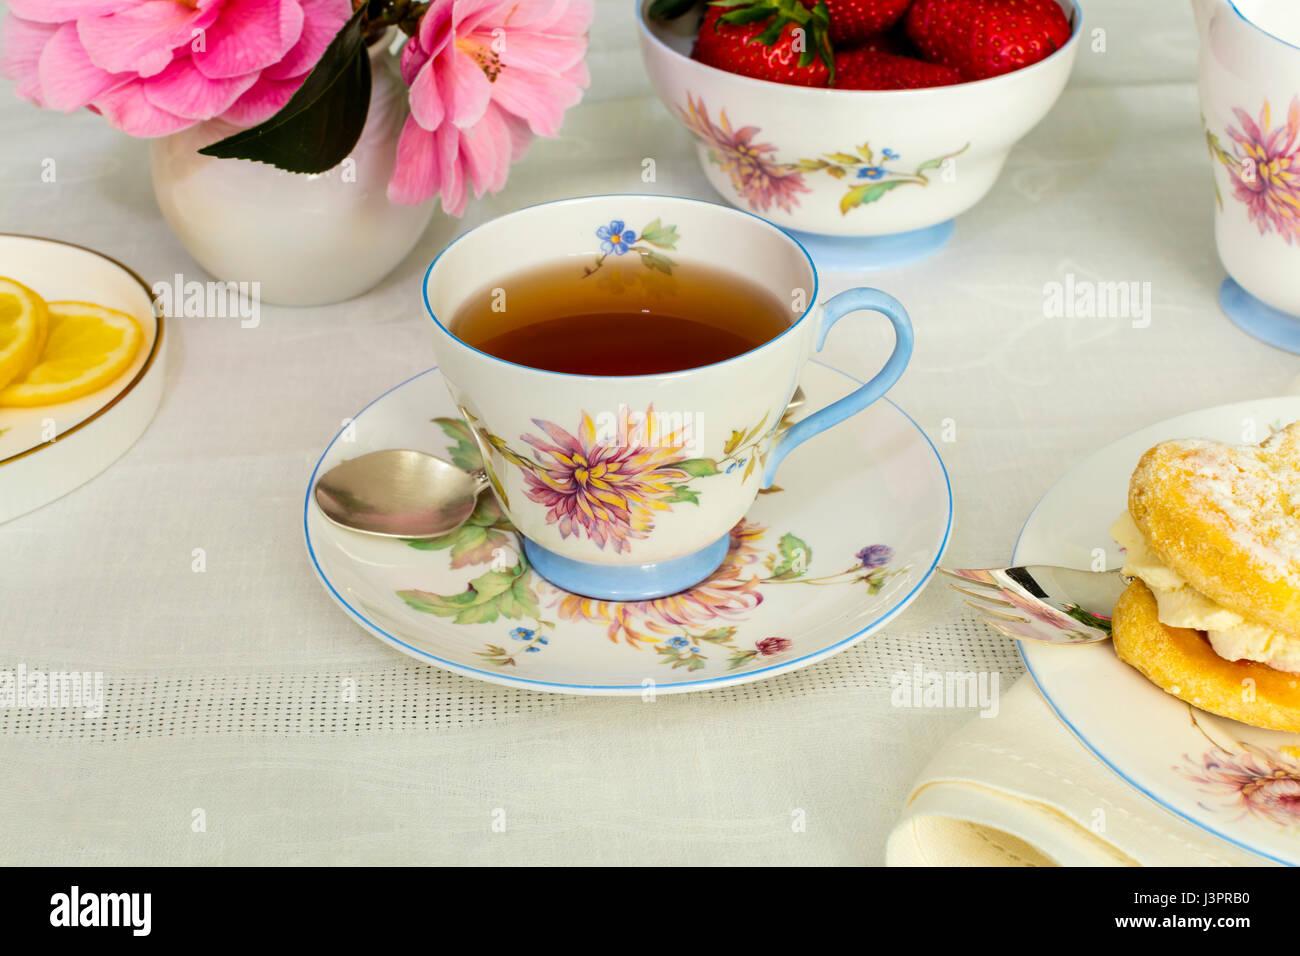 Tazza di tè serviti in un'annata eccellente porcellana tazza da caffè con panna fresca torte. Immagini Stock